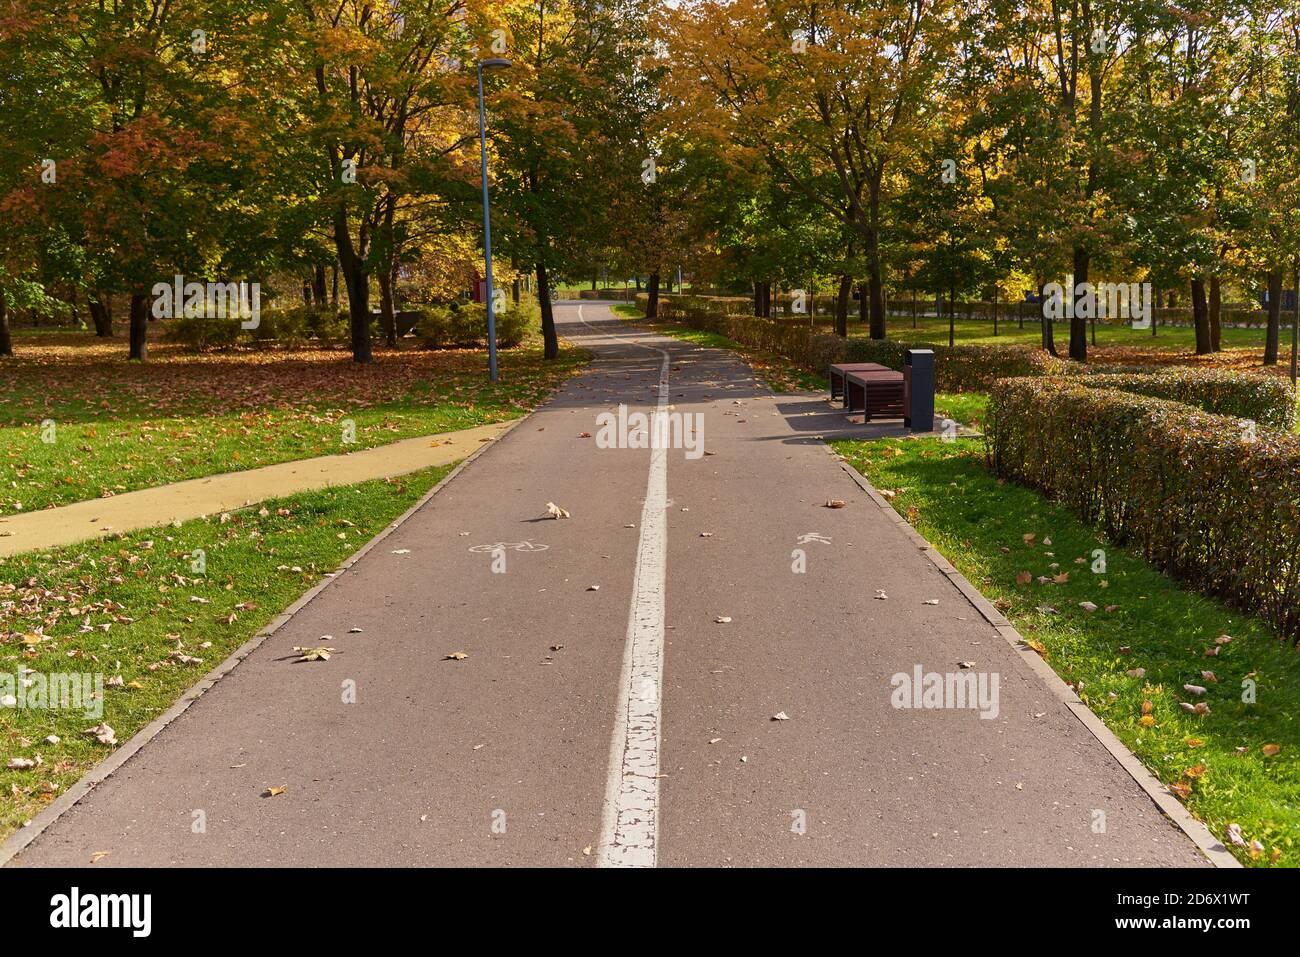 Strada asfaltata nel Parco, divisa da indicazioni sulle parti pedonali e ciclabili. Foto Stock